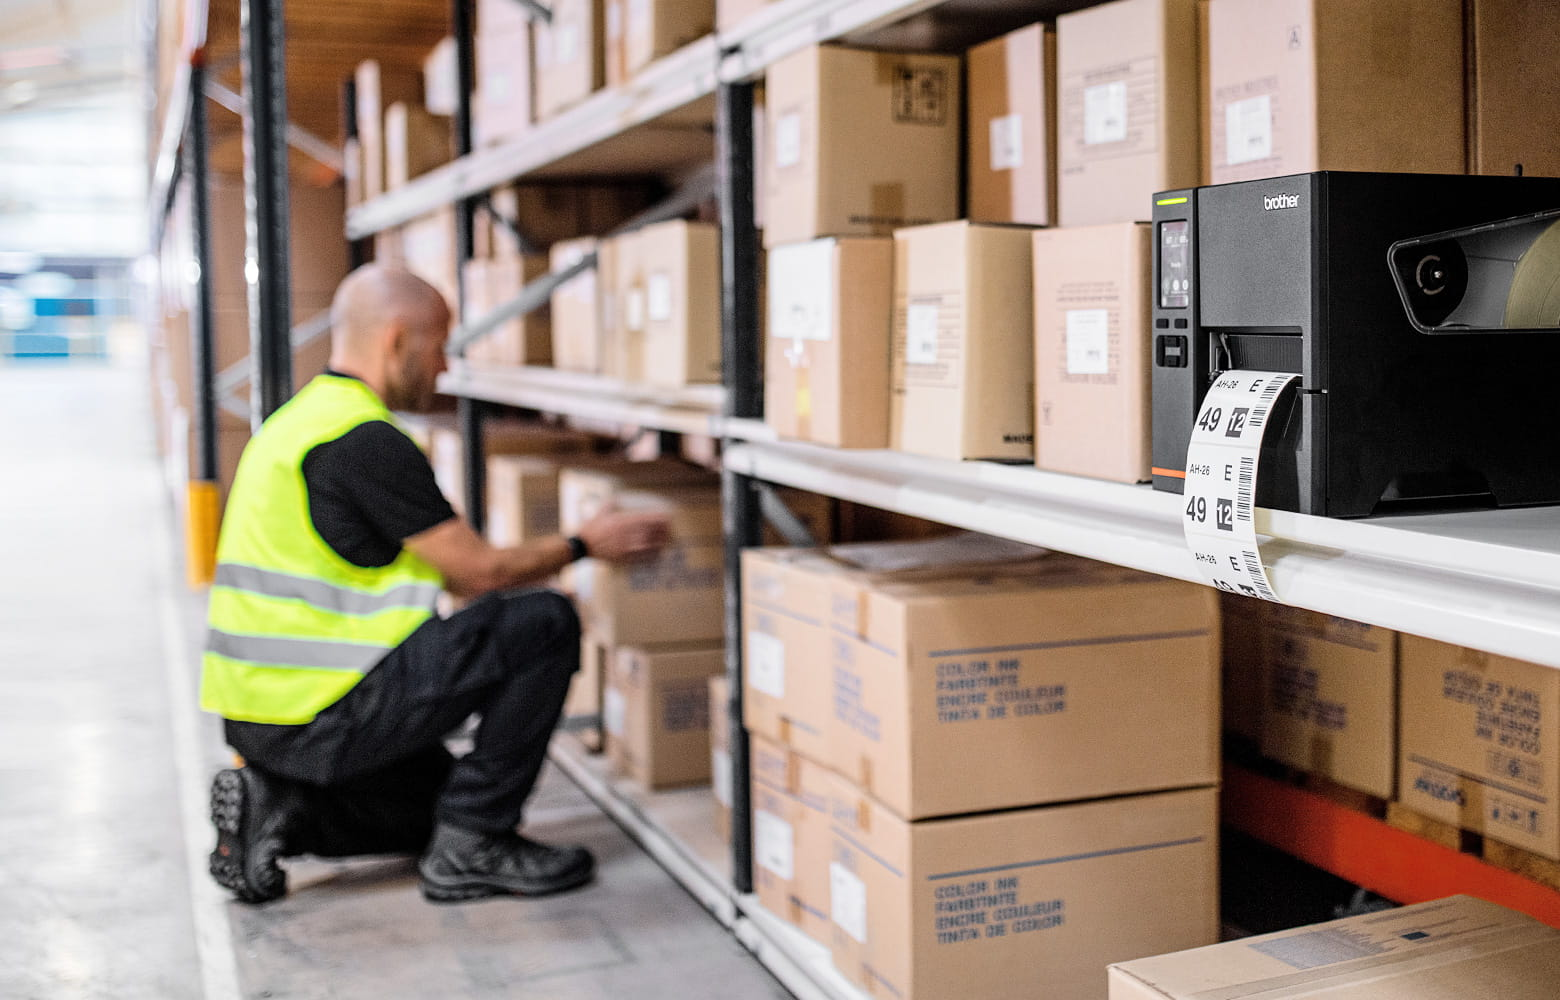 TJ-Etikettendrucker in Lagerregal mit Paketen, Lagermitarbeiter im Hintergrund